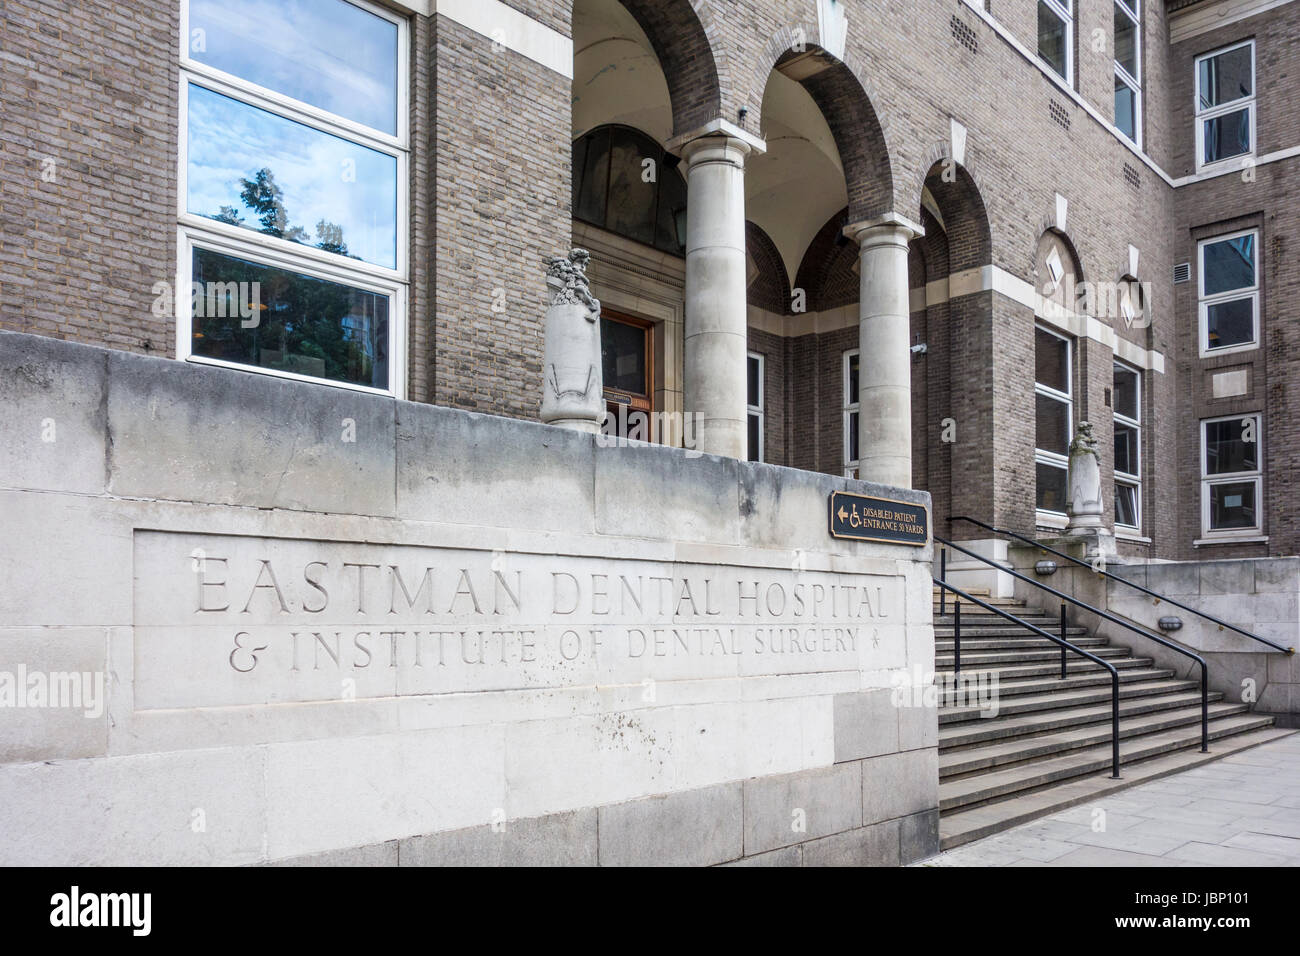 Enseigne à l'extérieur entrée de Eastman Dental Hospital, Institut de chirurgie dentaire, University Photo Stock